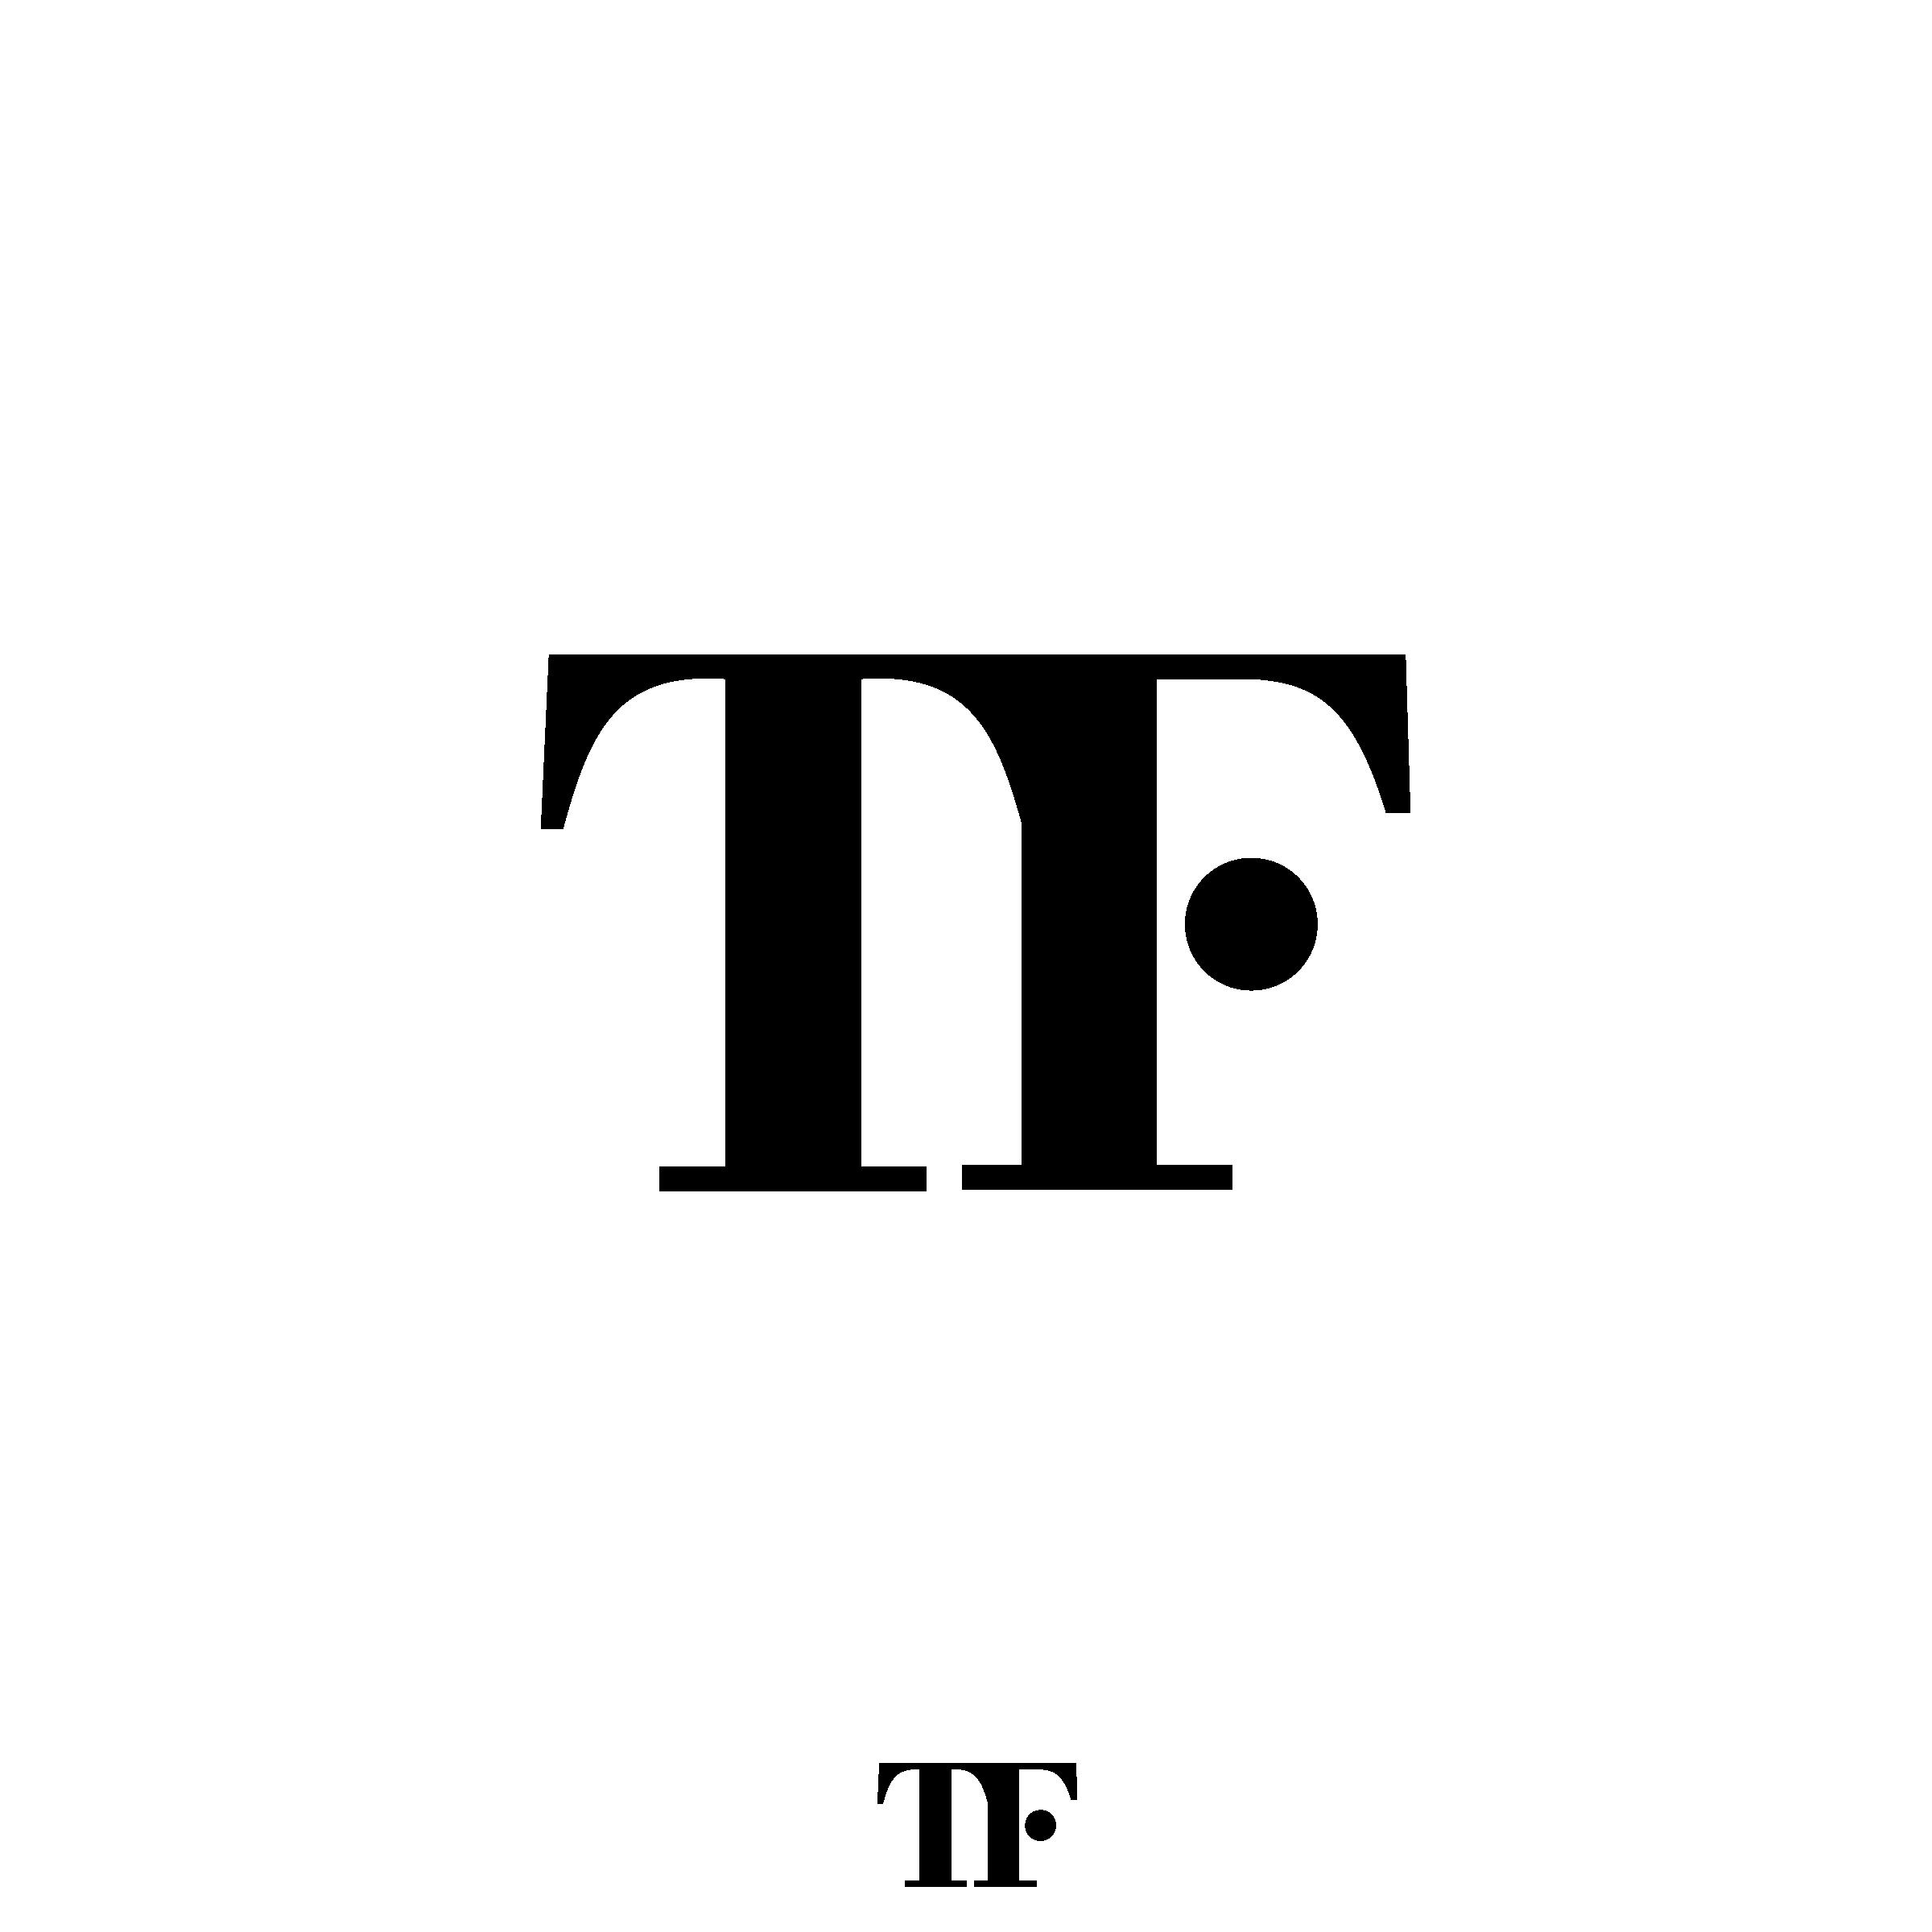 wk 12 logos-11.png